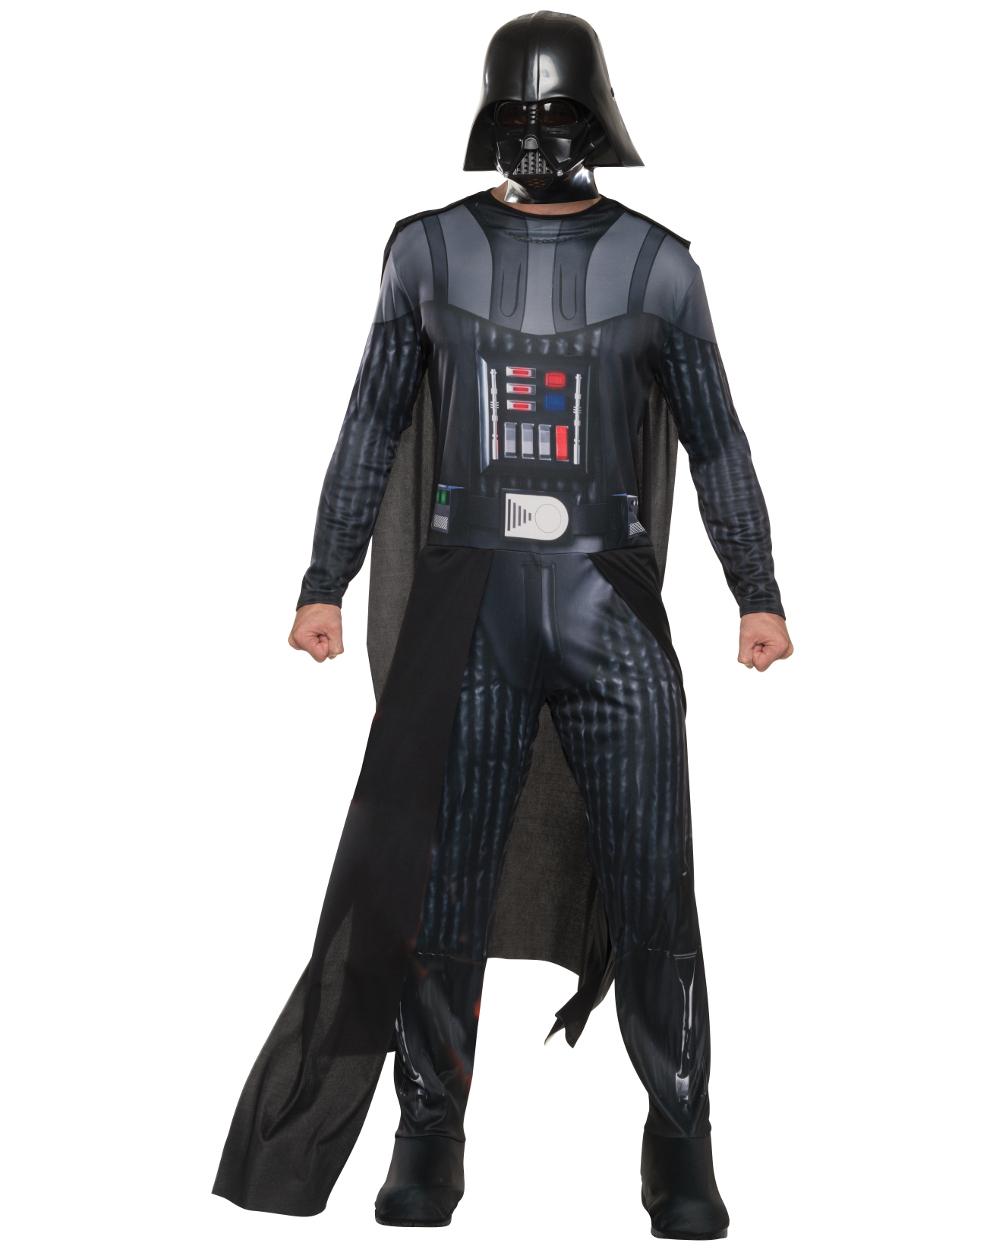 вот пары новогодний костюм дарт вейдер купить его так